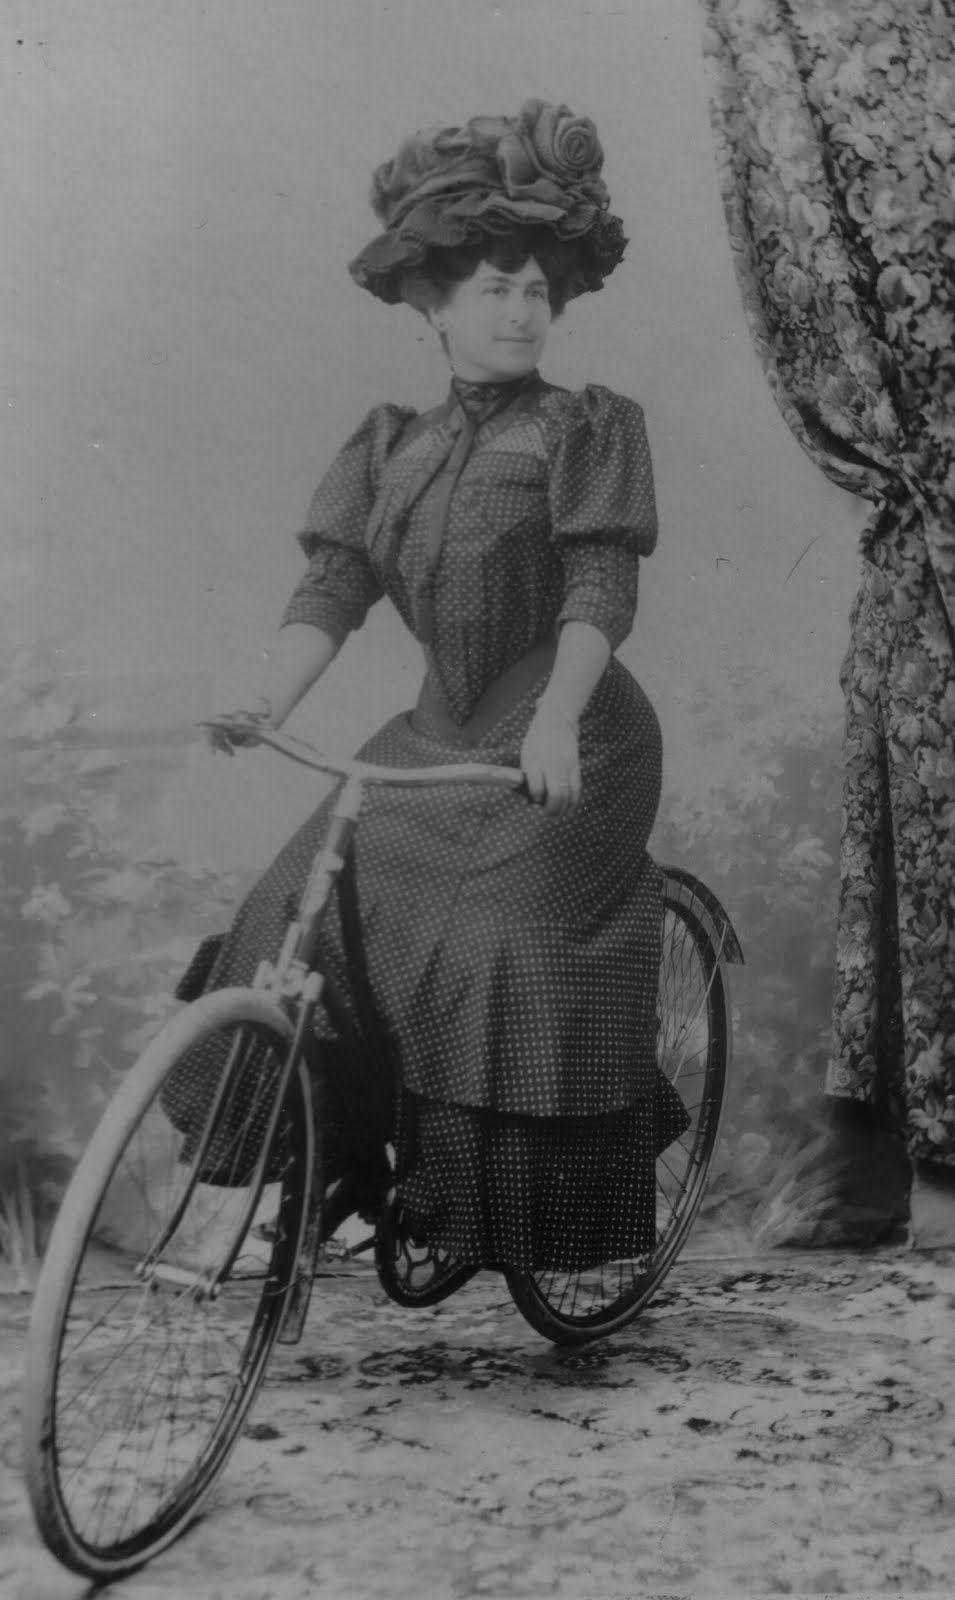 1910 Parisian Studio Portrait Love Her Hat Vintage Cycles